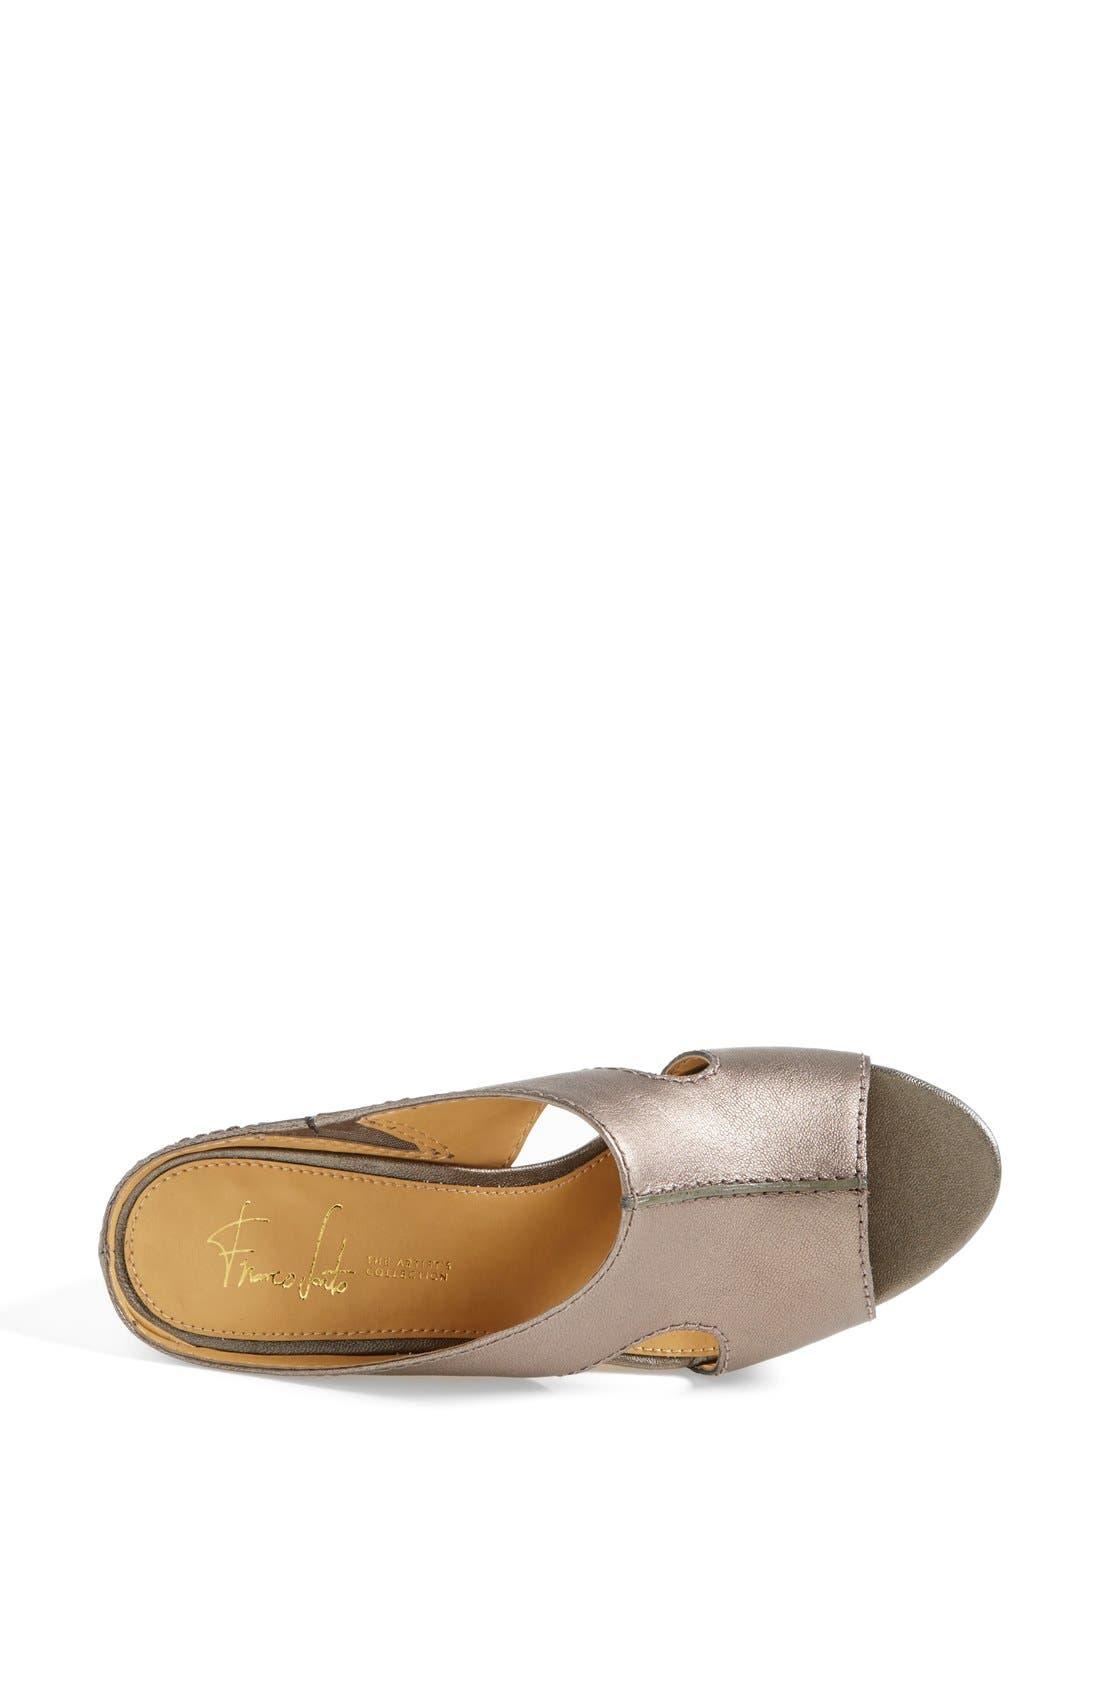 Alternate Image 3  - Franco Sarto 'Fiora' Sandal (Nordstrom Exclusive)